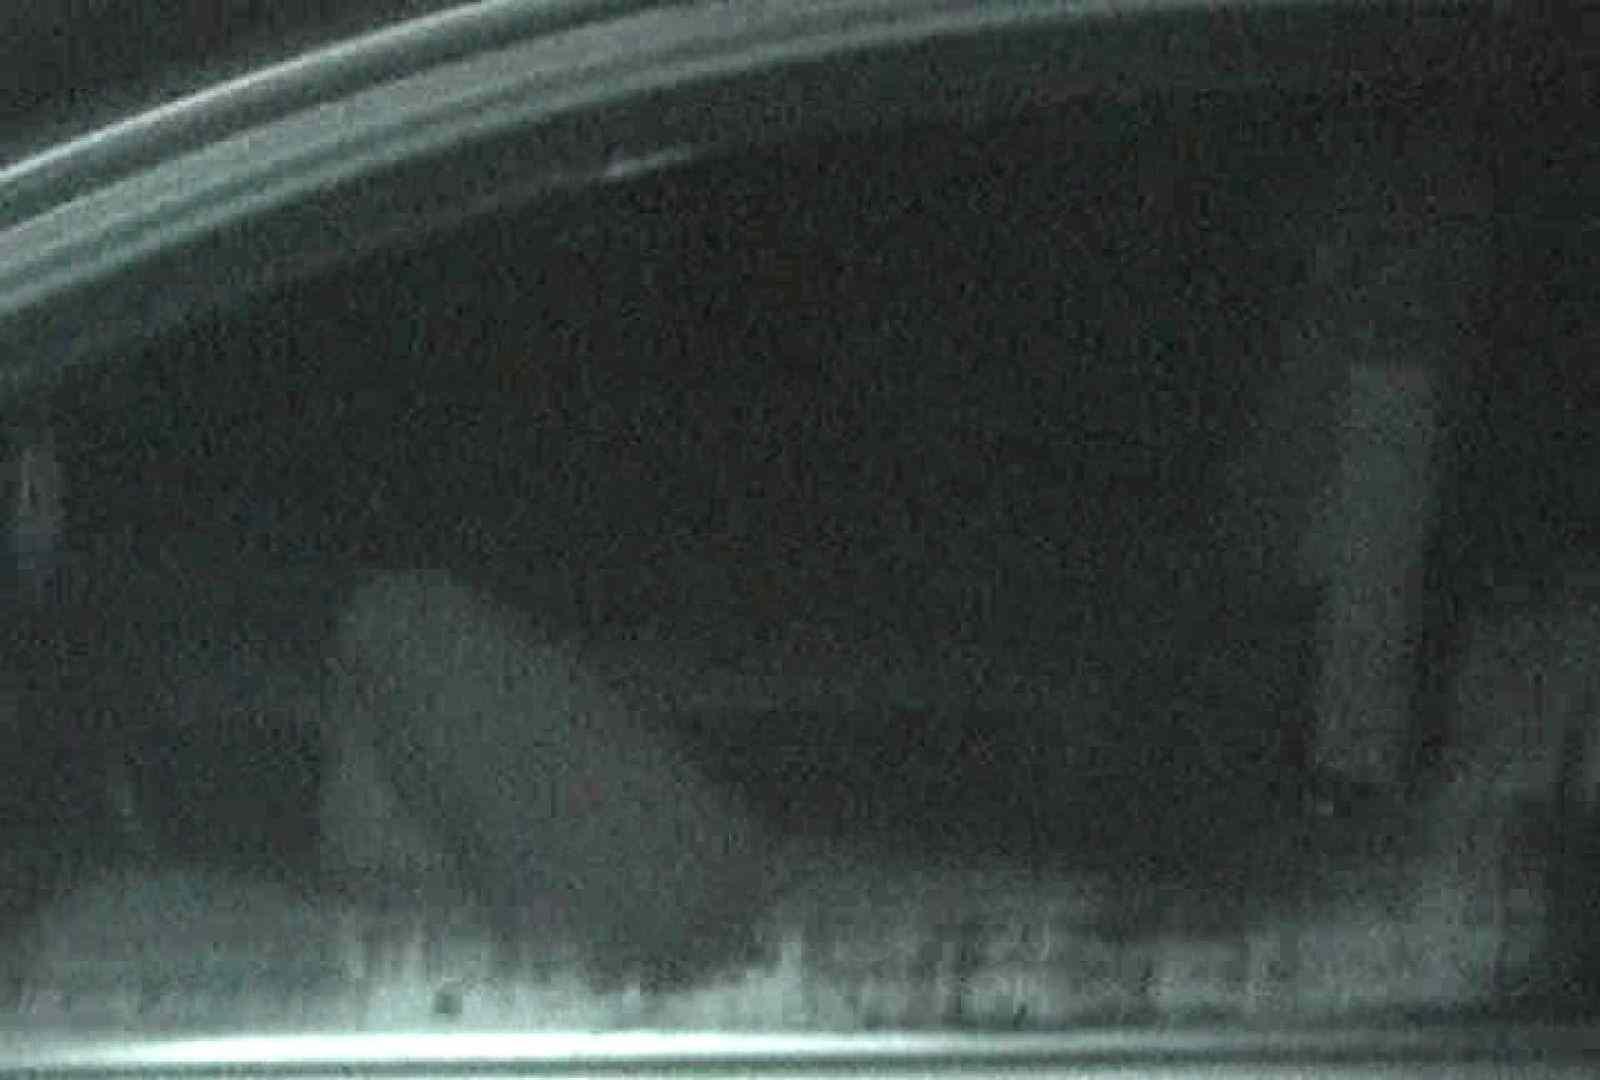 充血監督の深夜の運動会Vol.73 OLセックス 盗撮われめAV動画紹介 49画像 47